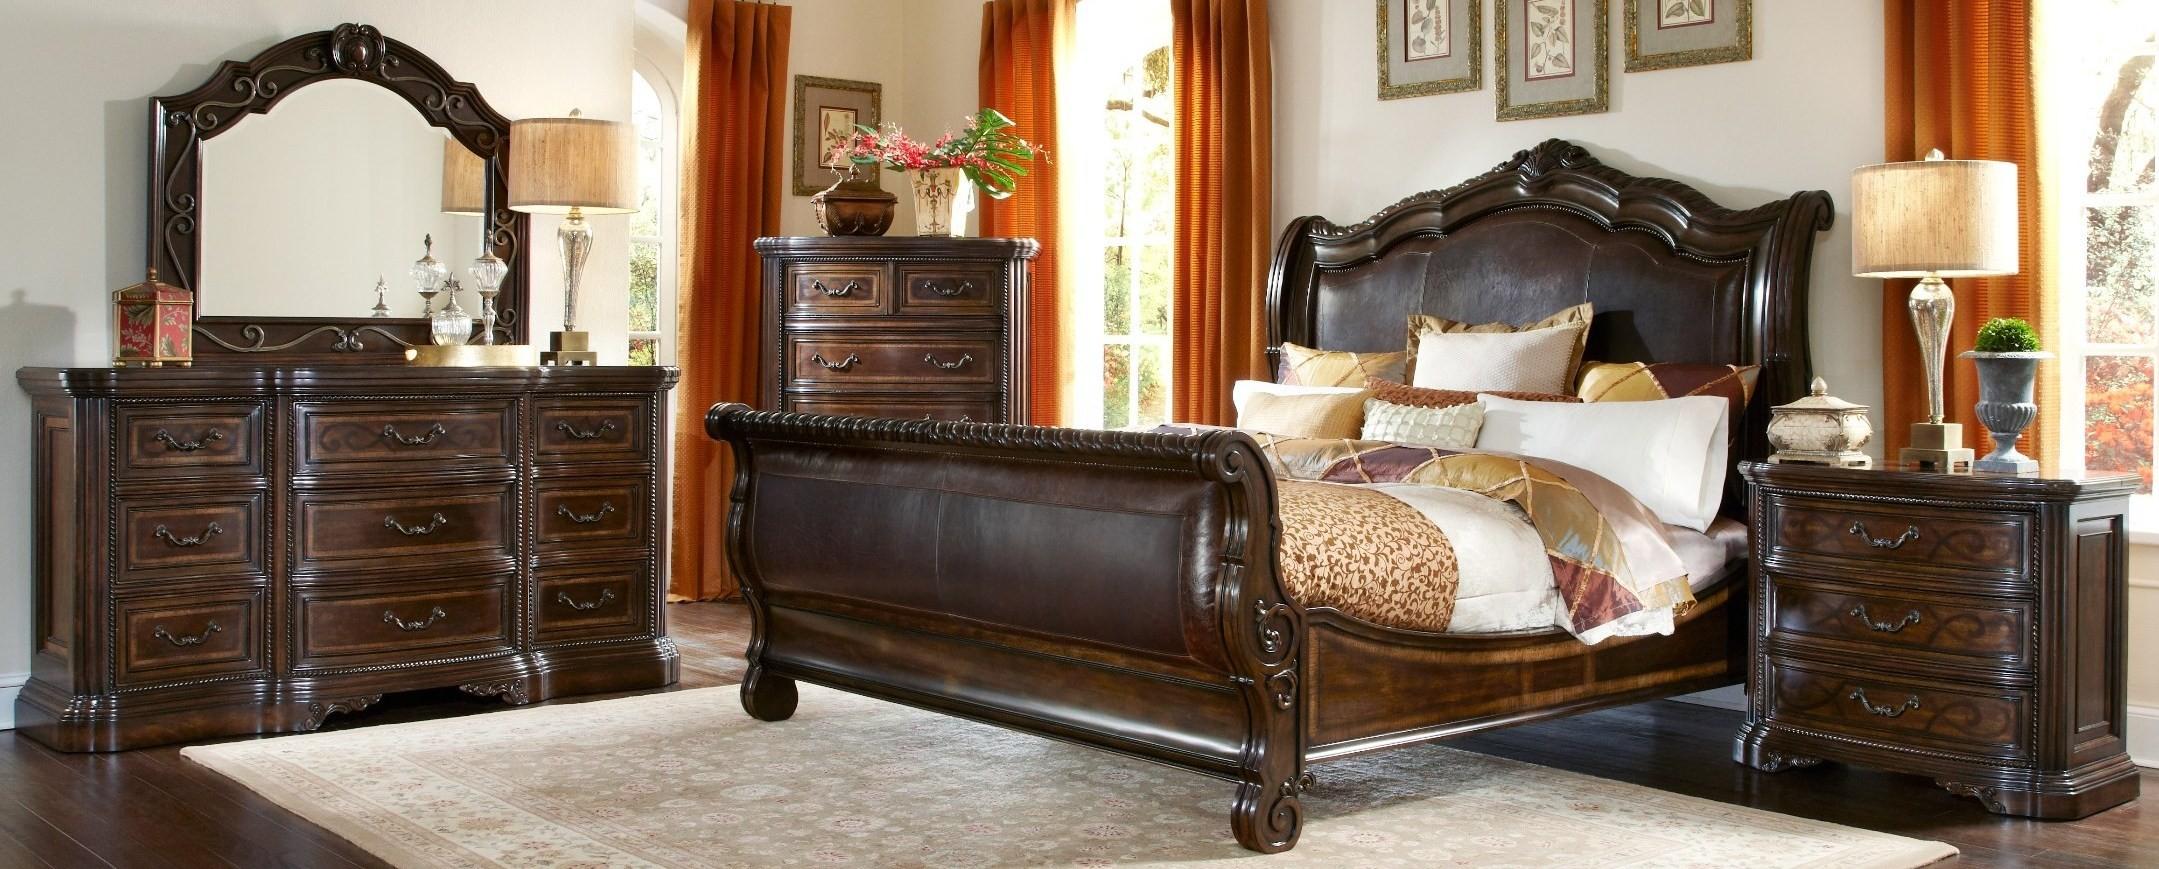 Valencia upholstered sleigh bedroom set from art 209155 for Sleigh bedroom set